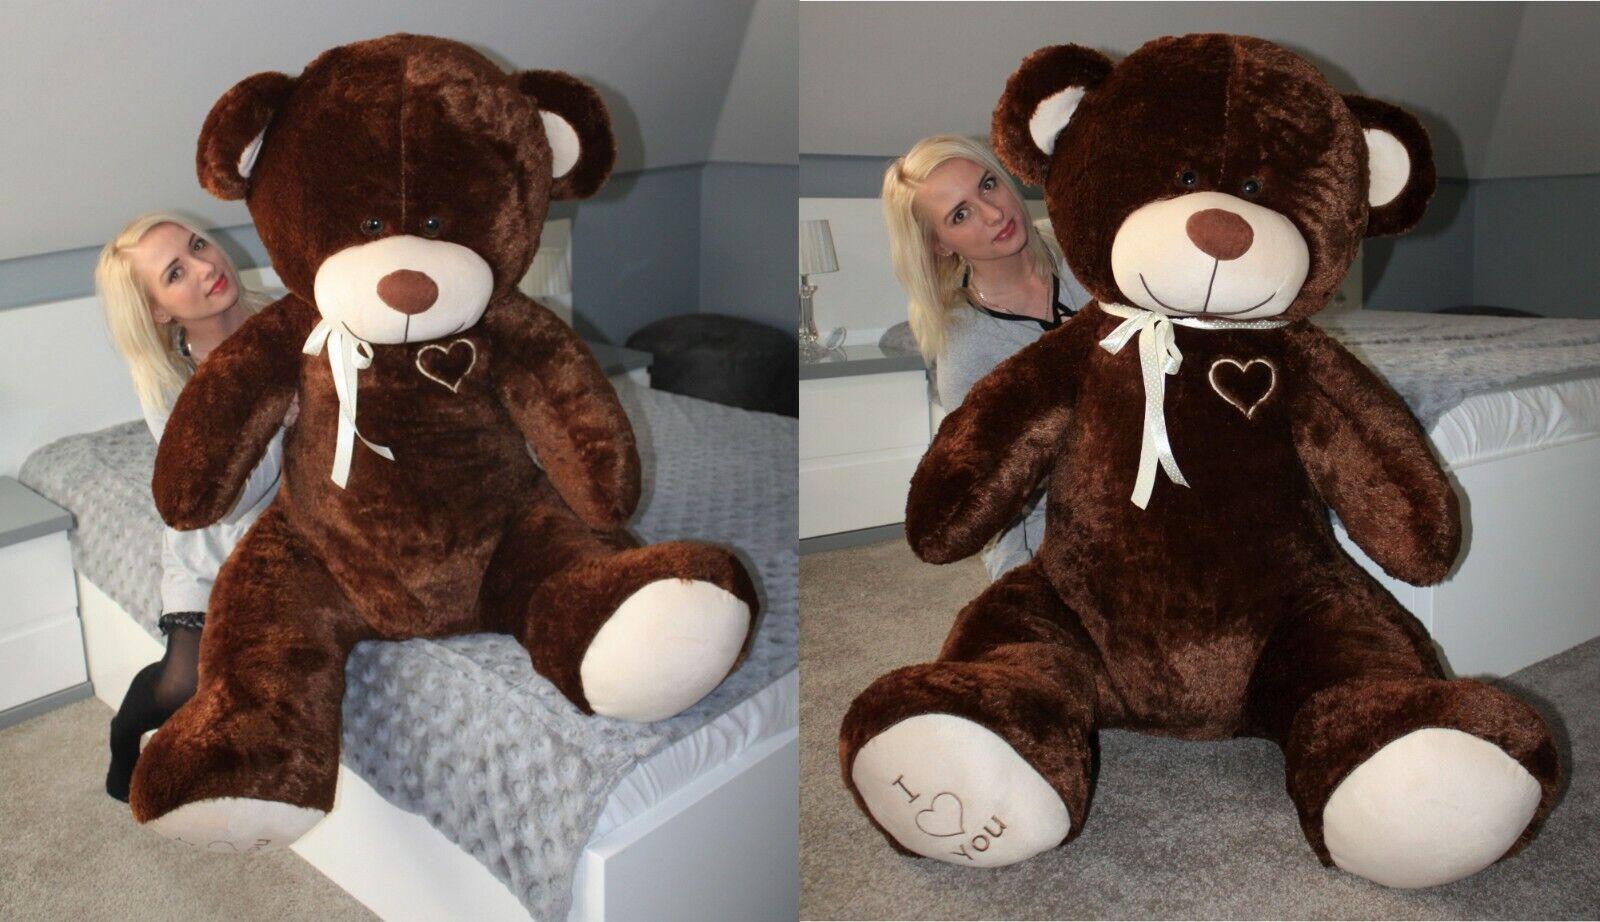 XXL Teddybär Plüsch Kuschel Stoff Tier Riesen Teddy Bär Valentinstag Geschenk XL Braun